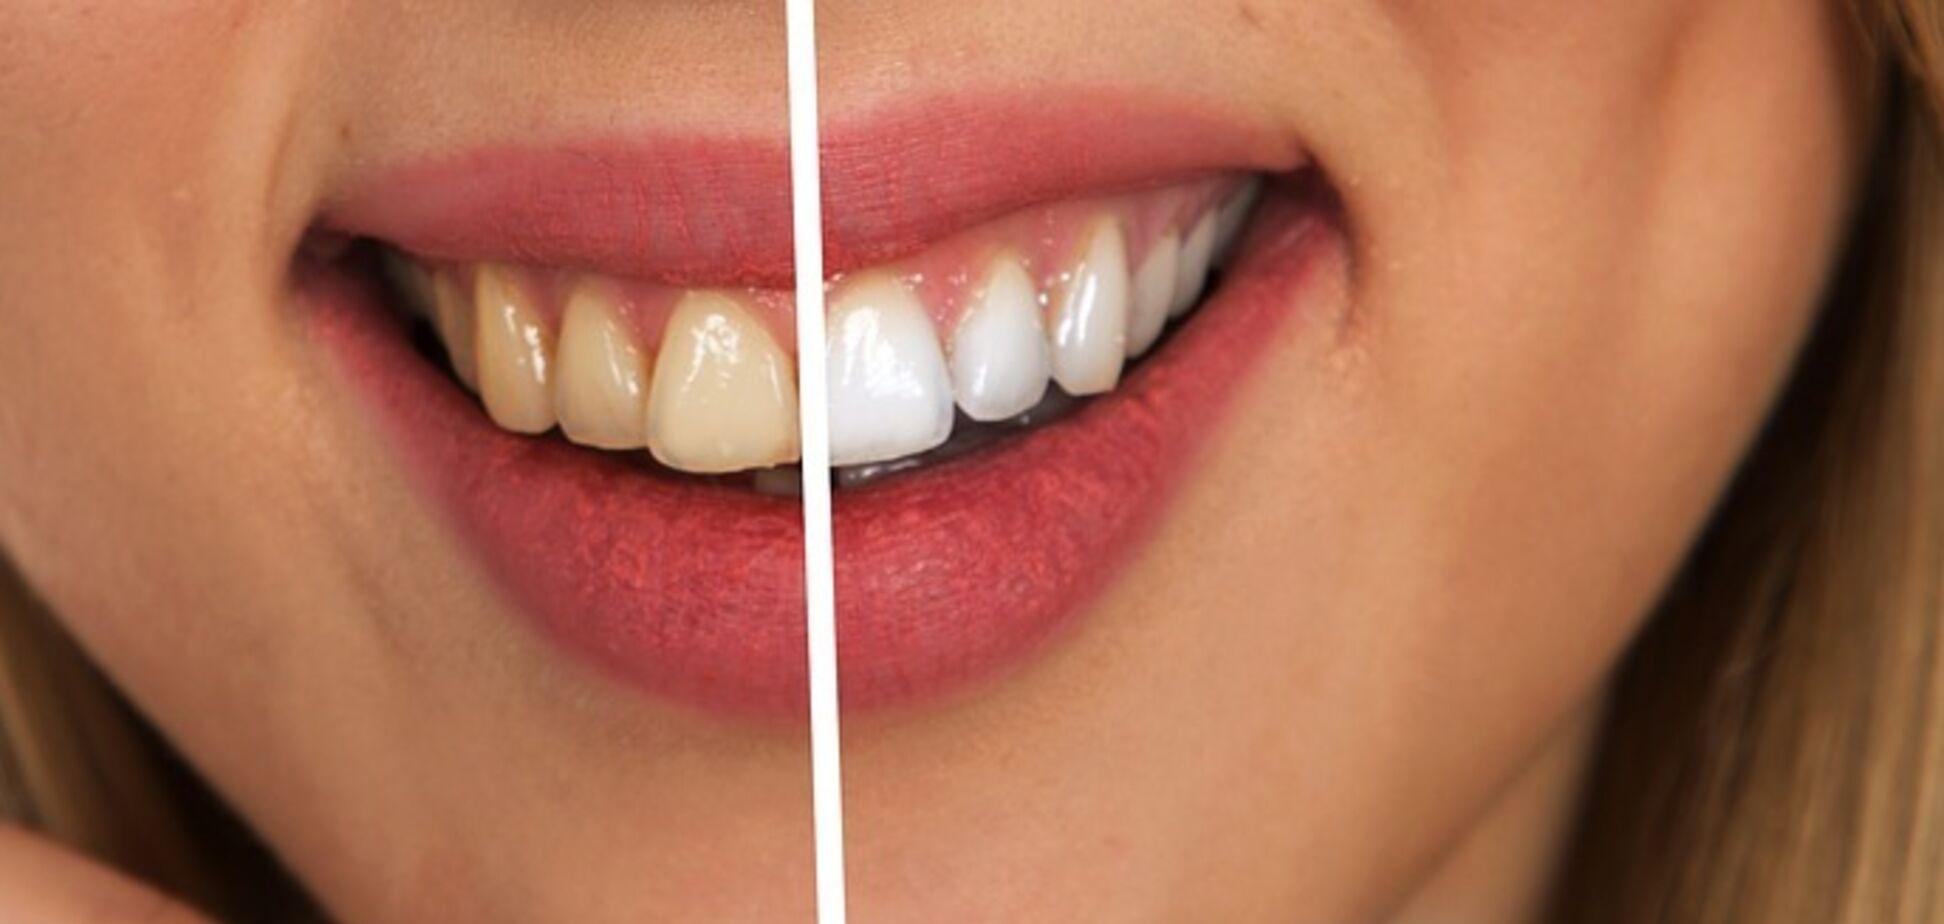 Отбеливание зубов признали опасным